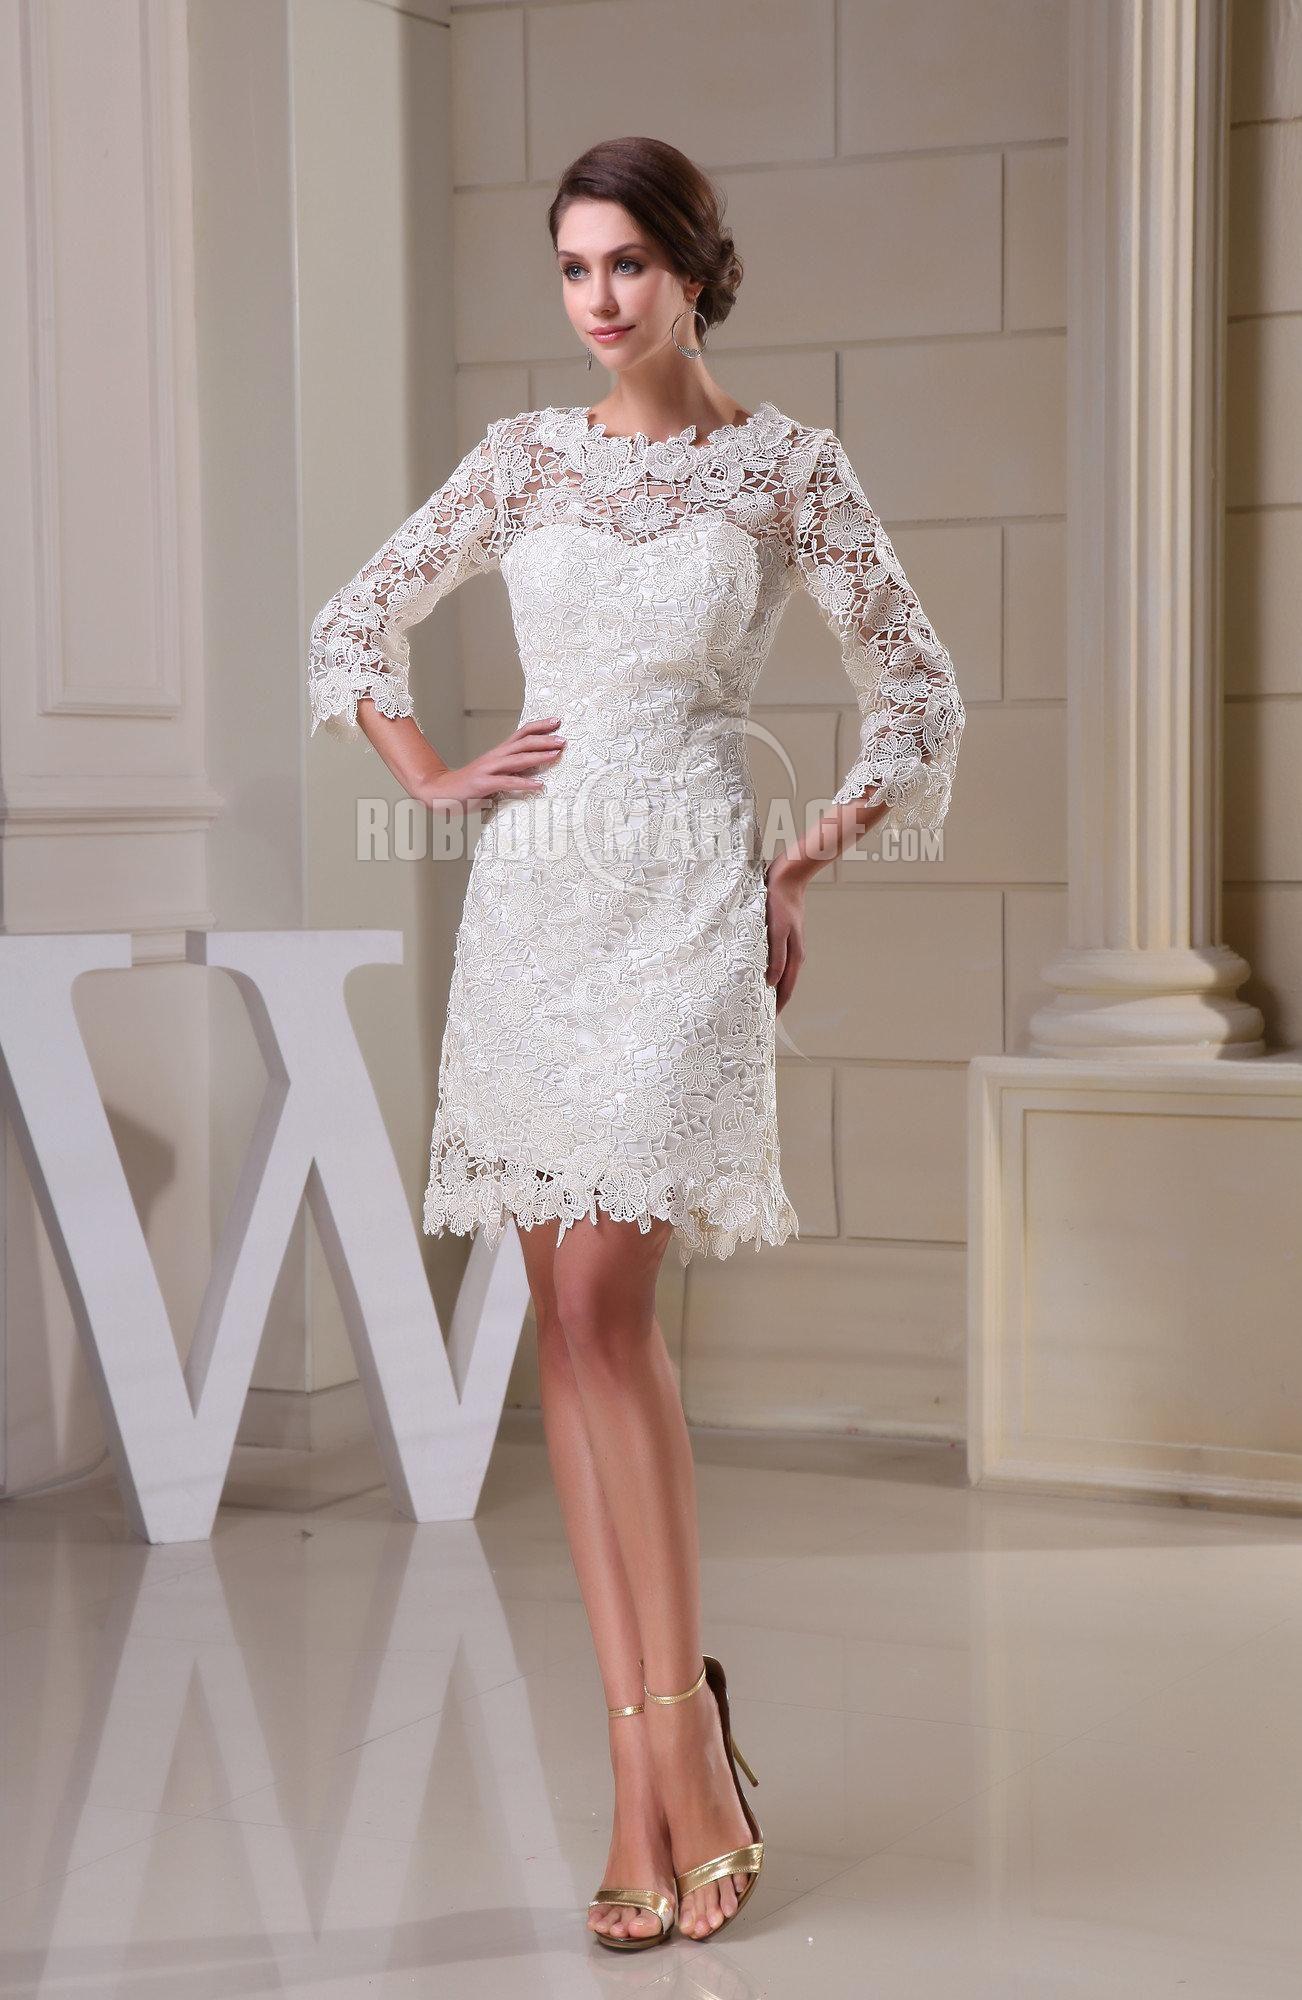 Knee length wedding dress  Manches milongue robe de mariée col haut dentelle longueur aux